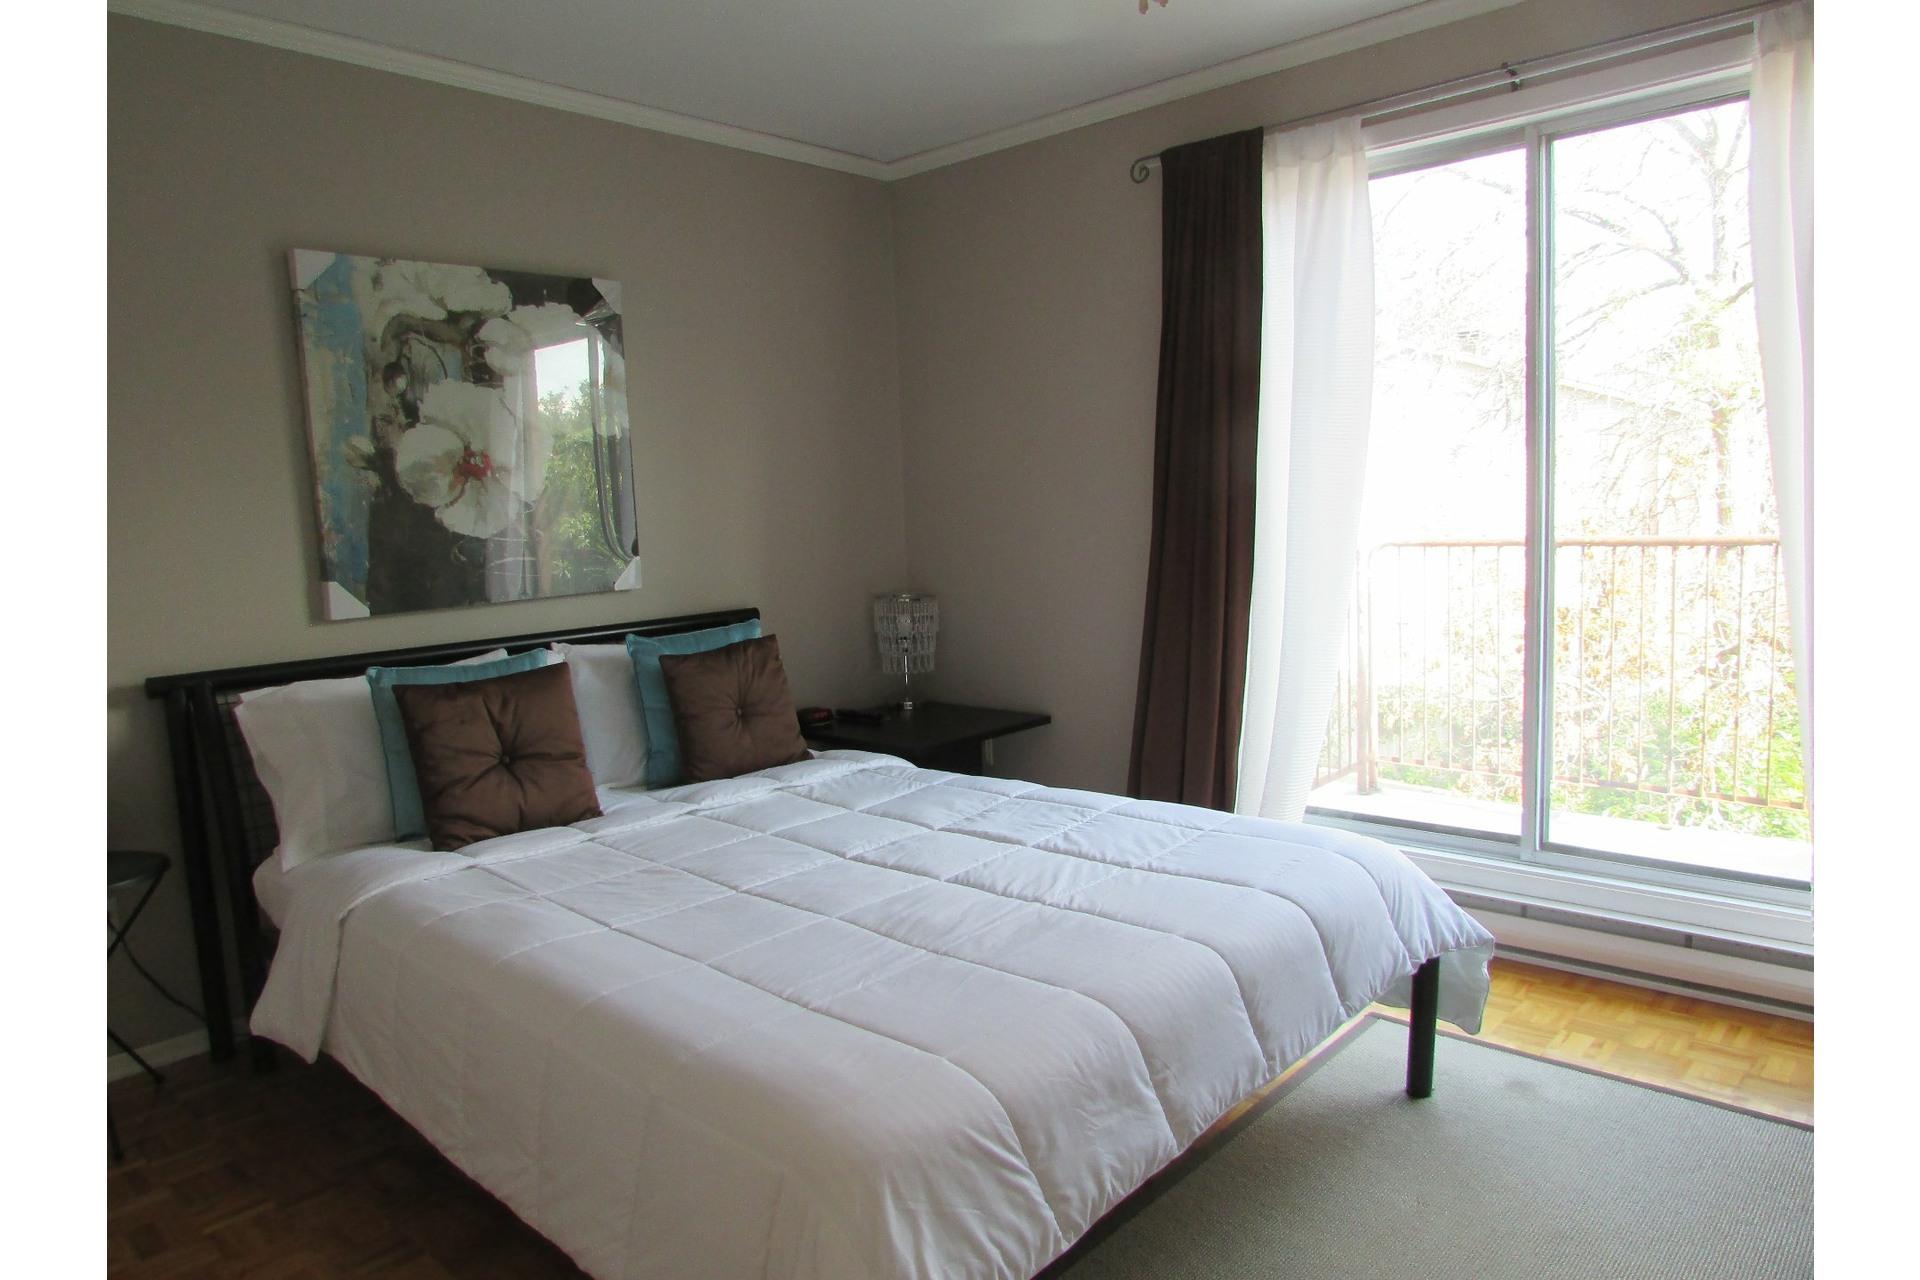 image 8 - House For sale Sainte-Dorothée Laval  - 7 rooms